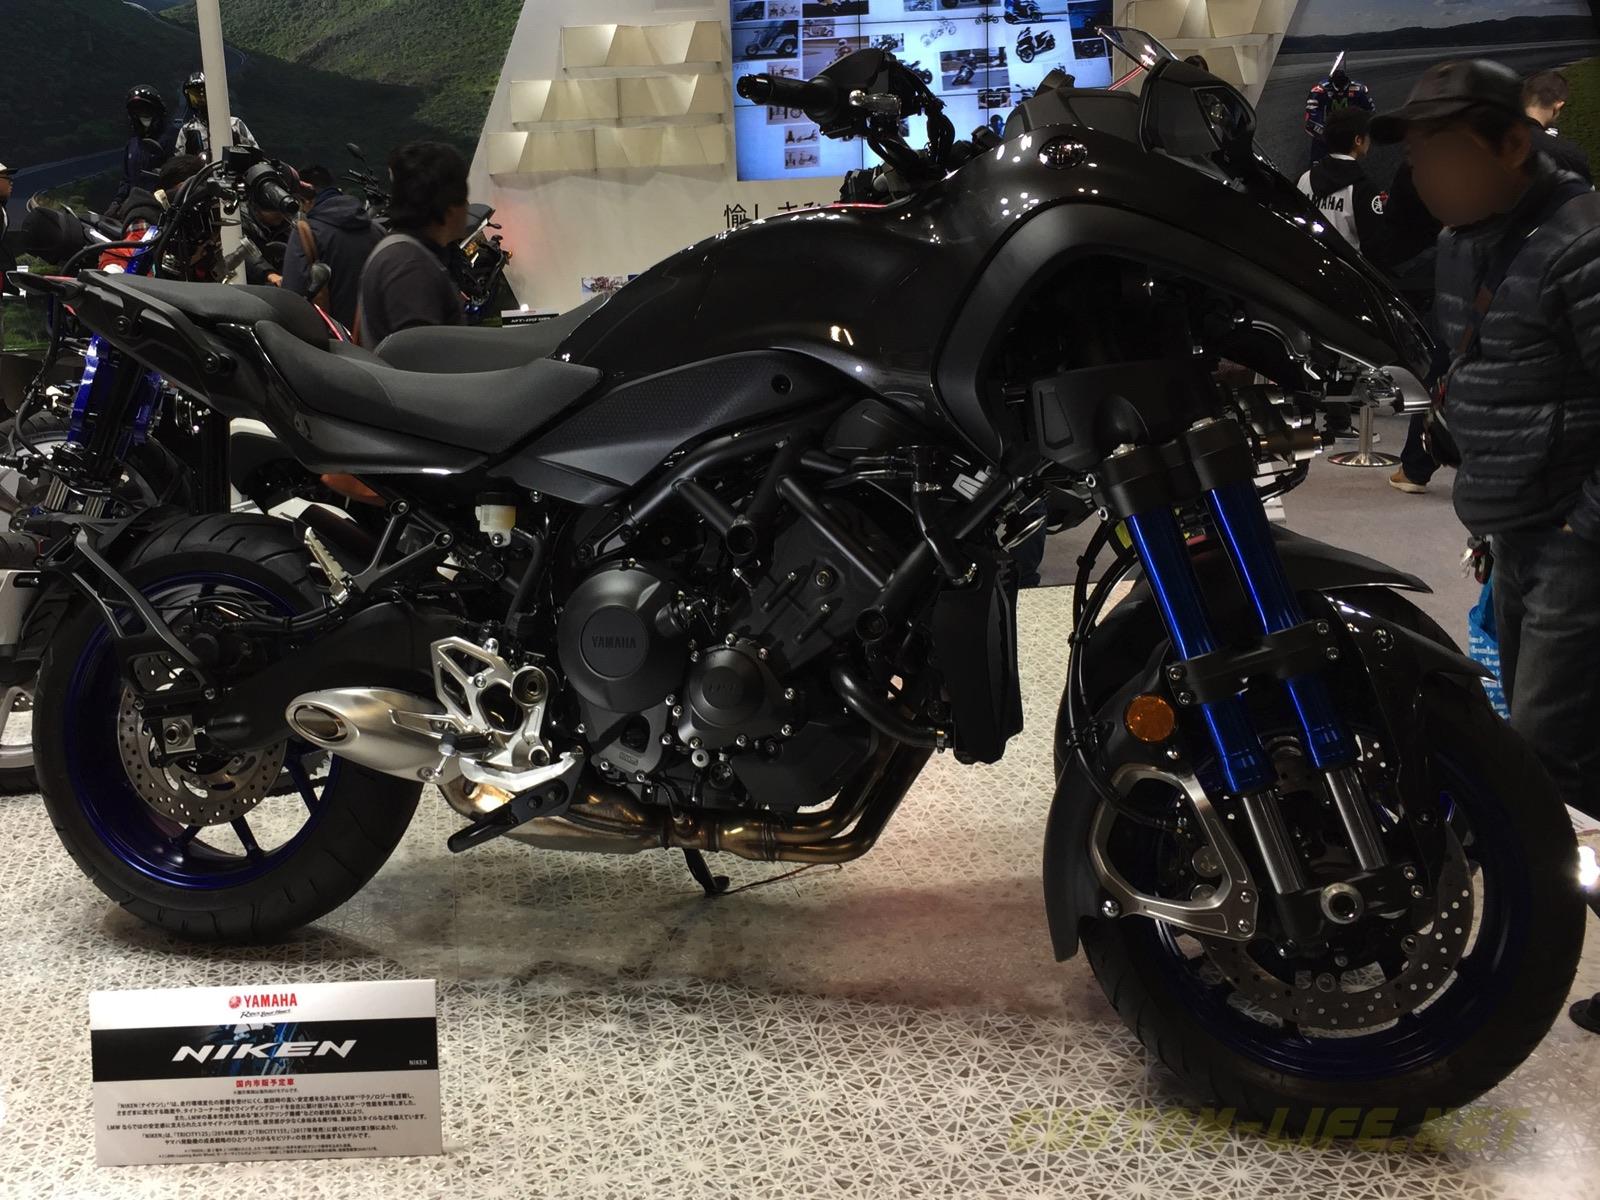 【モーサイ2018】ヤマハブース「NIKEN」「MT-09 SP」「Tracer GT」「XSR700」